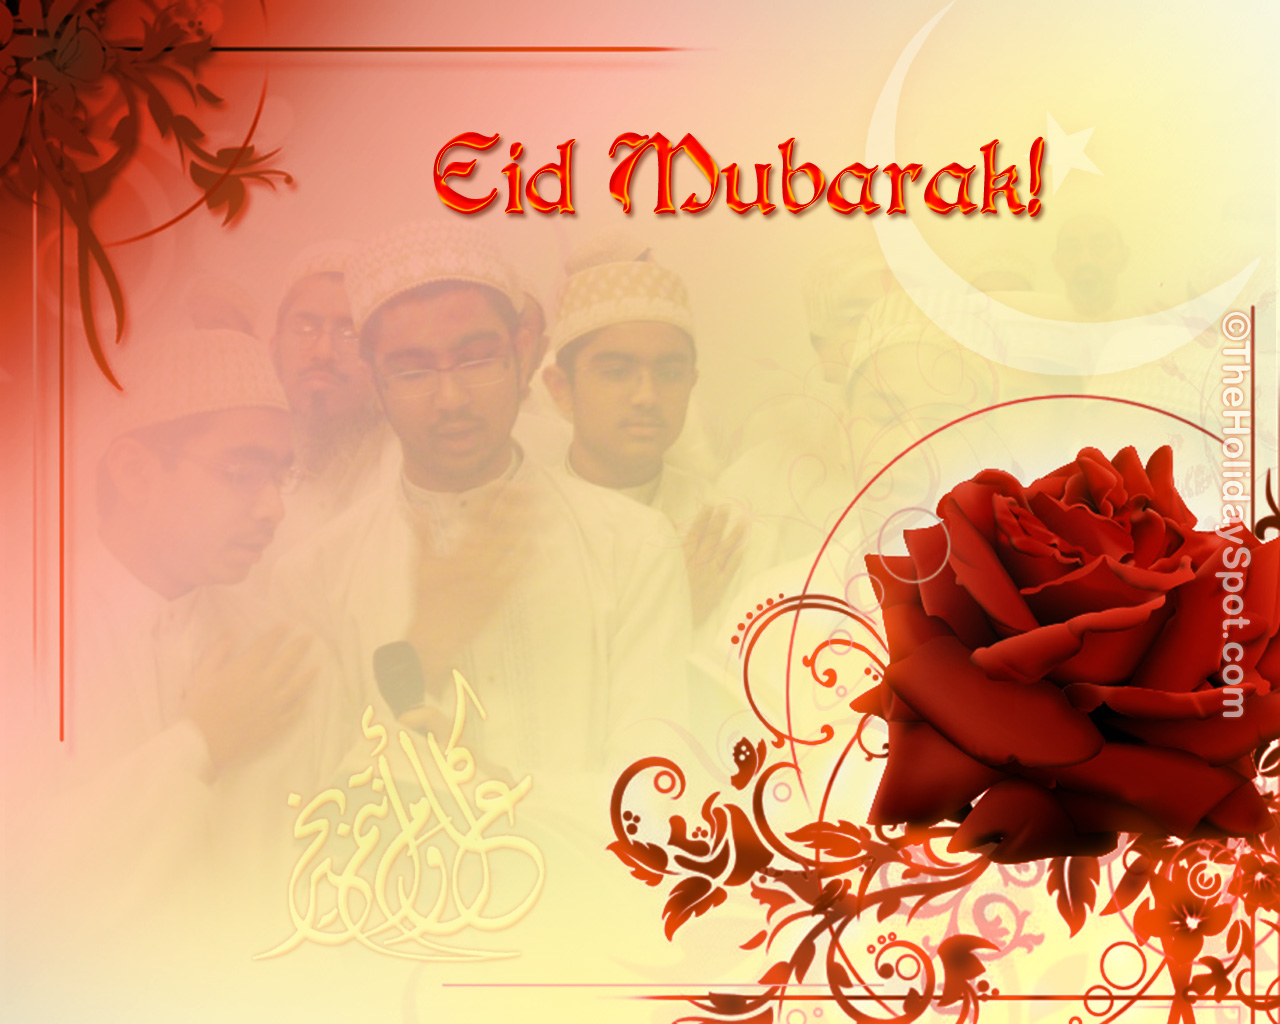 Eid Ul Fitr 2012 2013pictures Wallpapers Eid Mubarak Hd Wallpapers